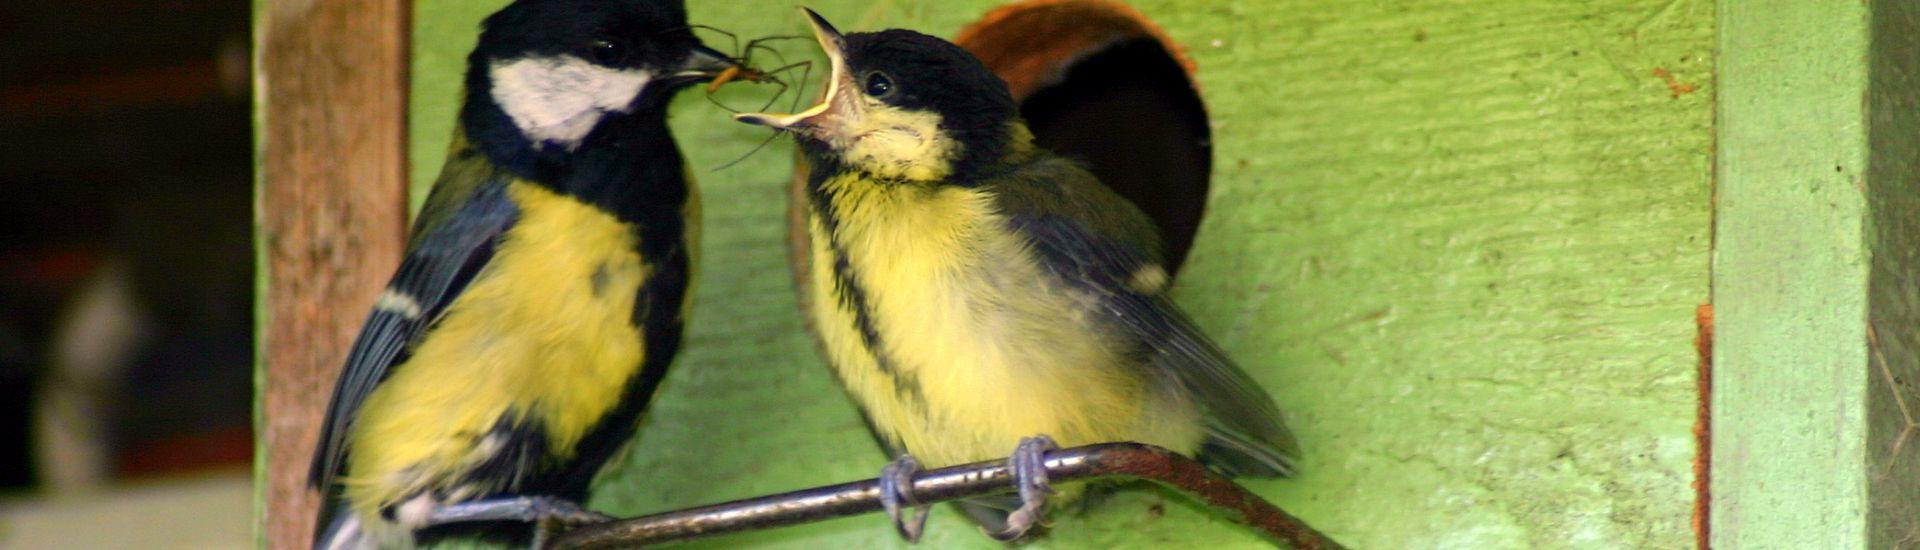 Artenvielfalt: Meisen mit Spinne vor dem Nistkasten